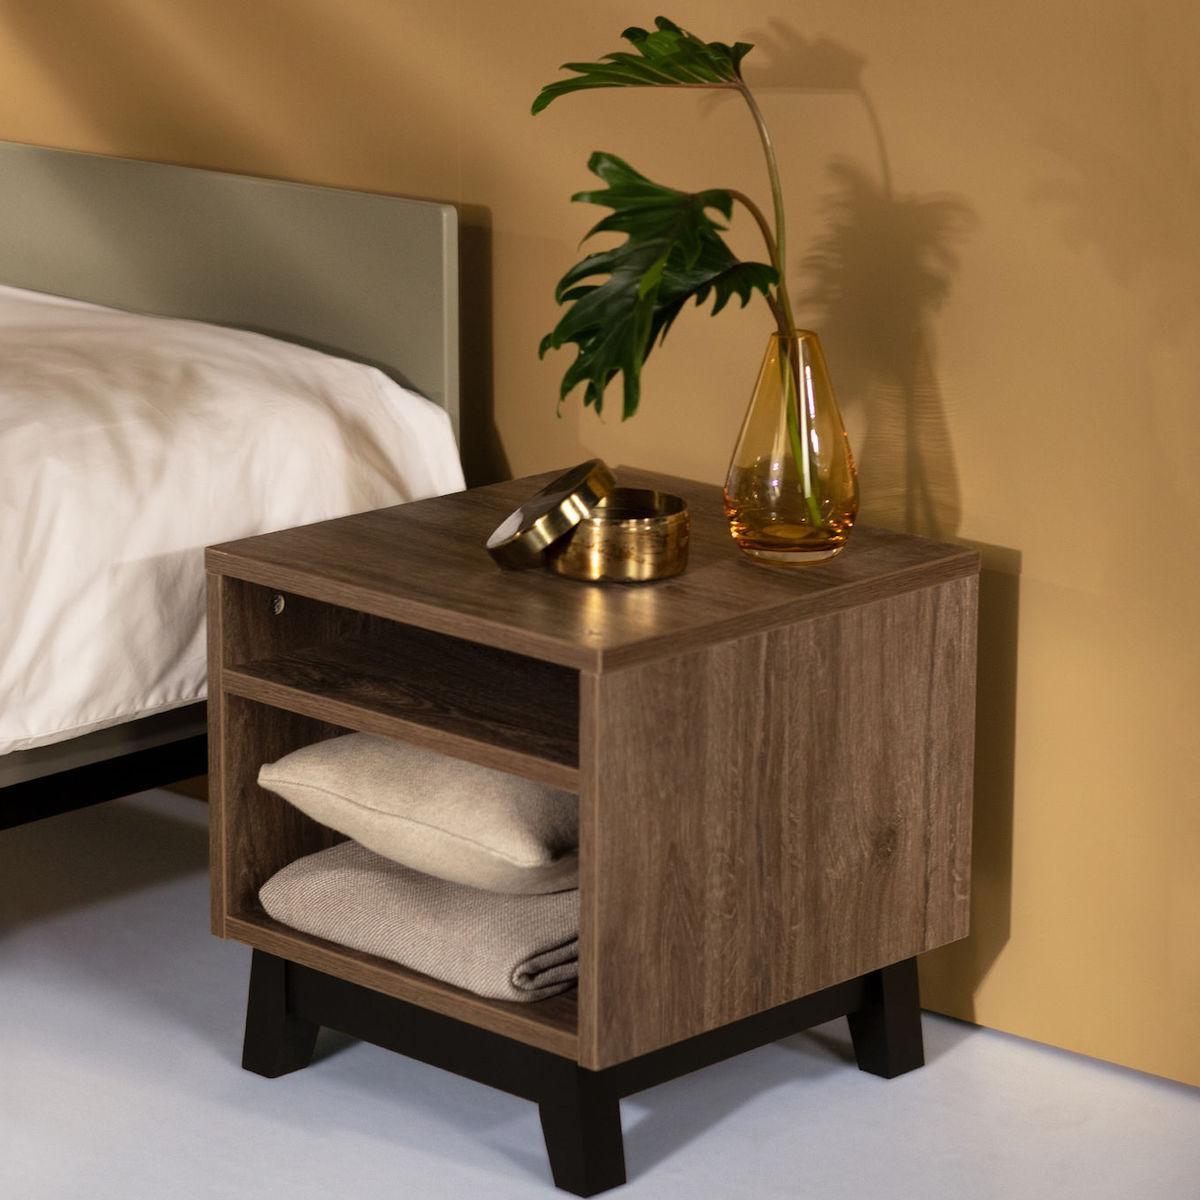 Table de nuit TRENDY Quax royal Oak